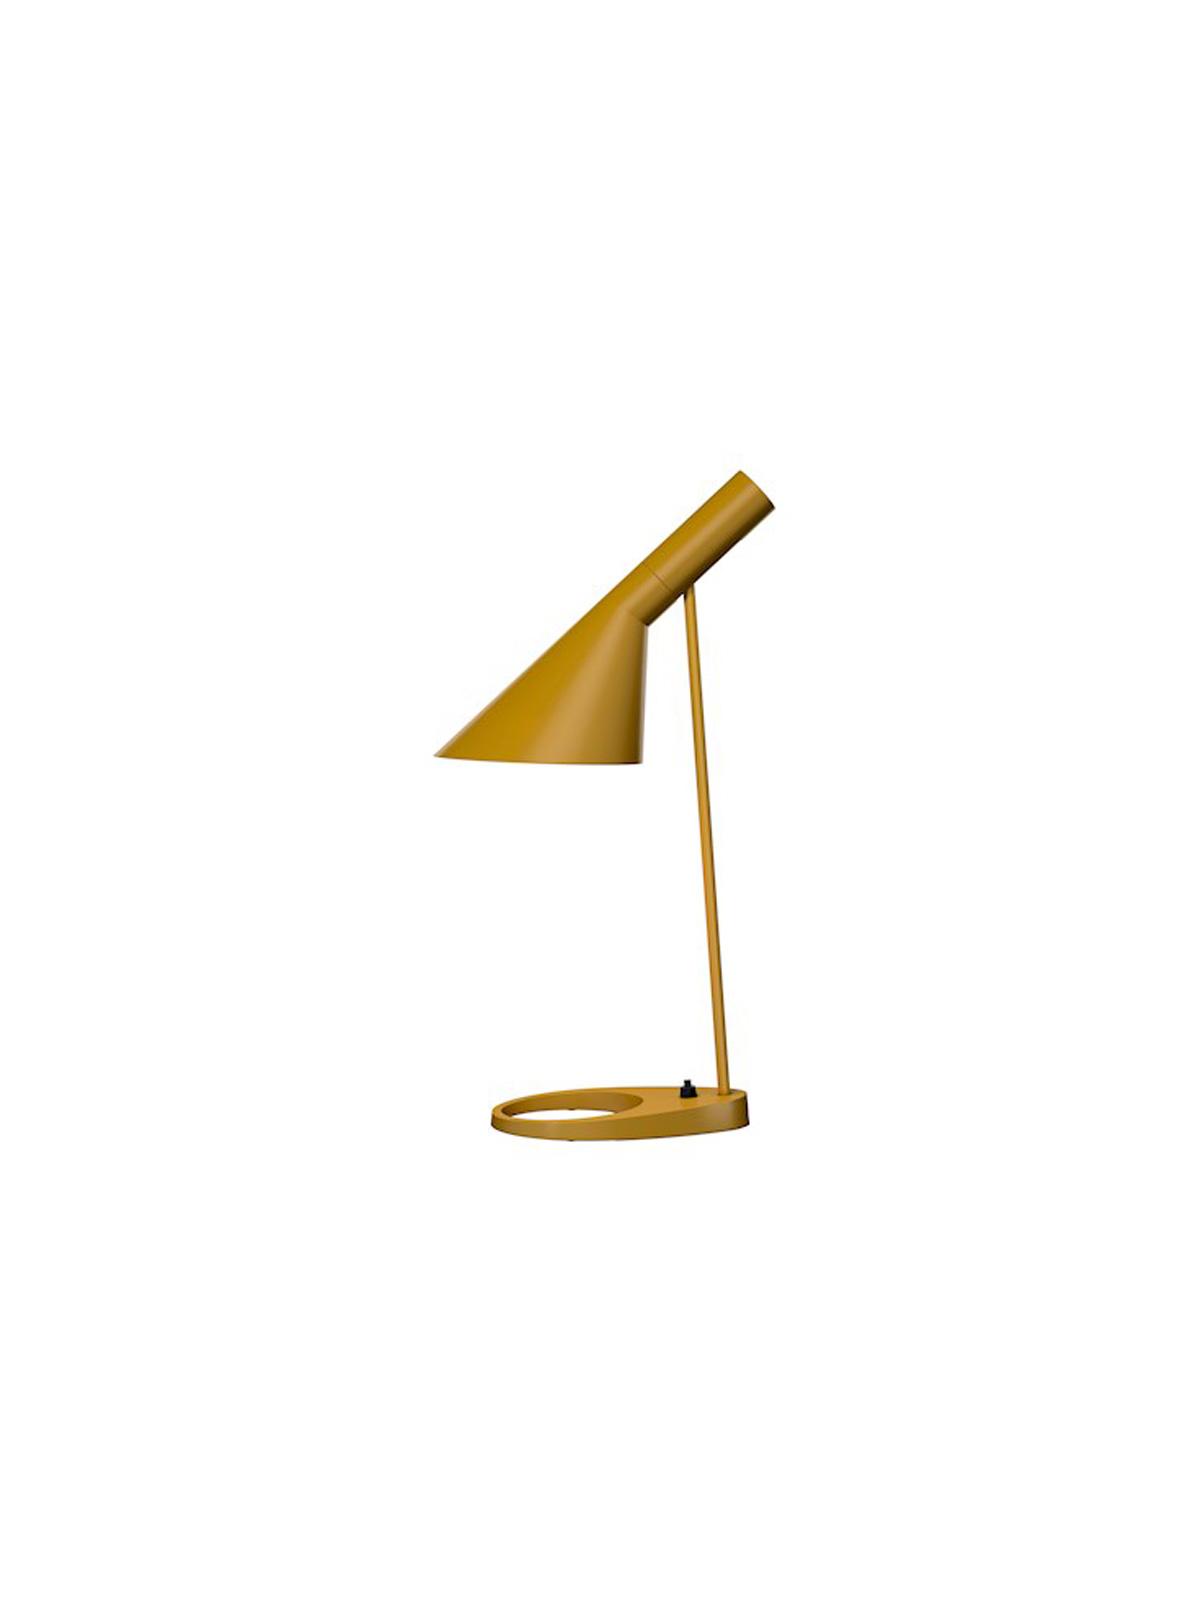 Tisch Lampe AJ Tischleuchte Poulsen